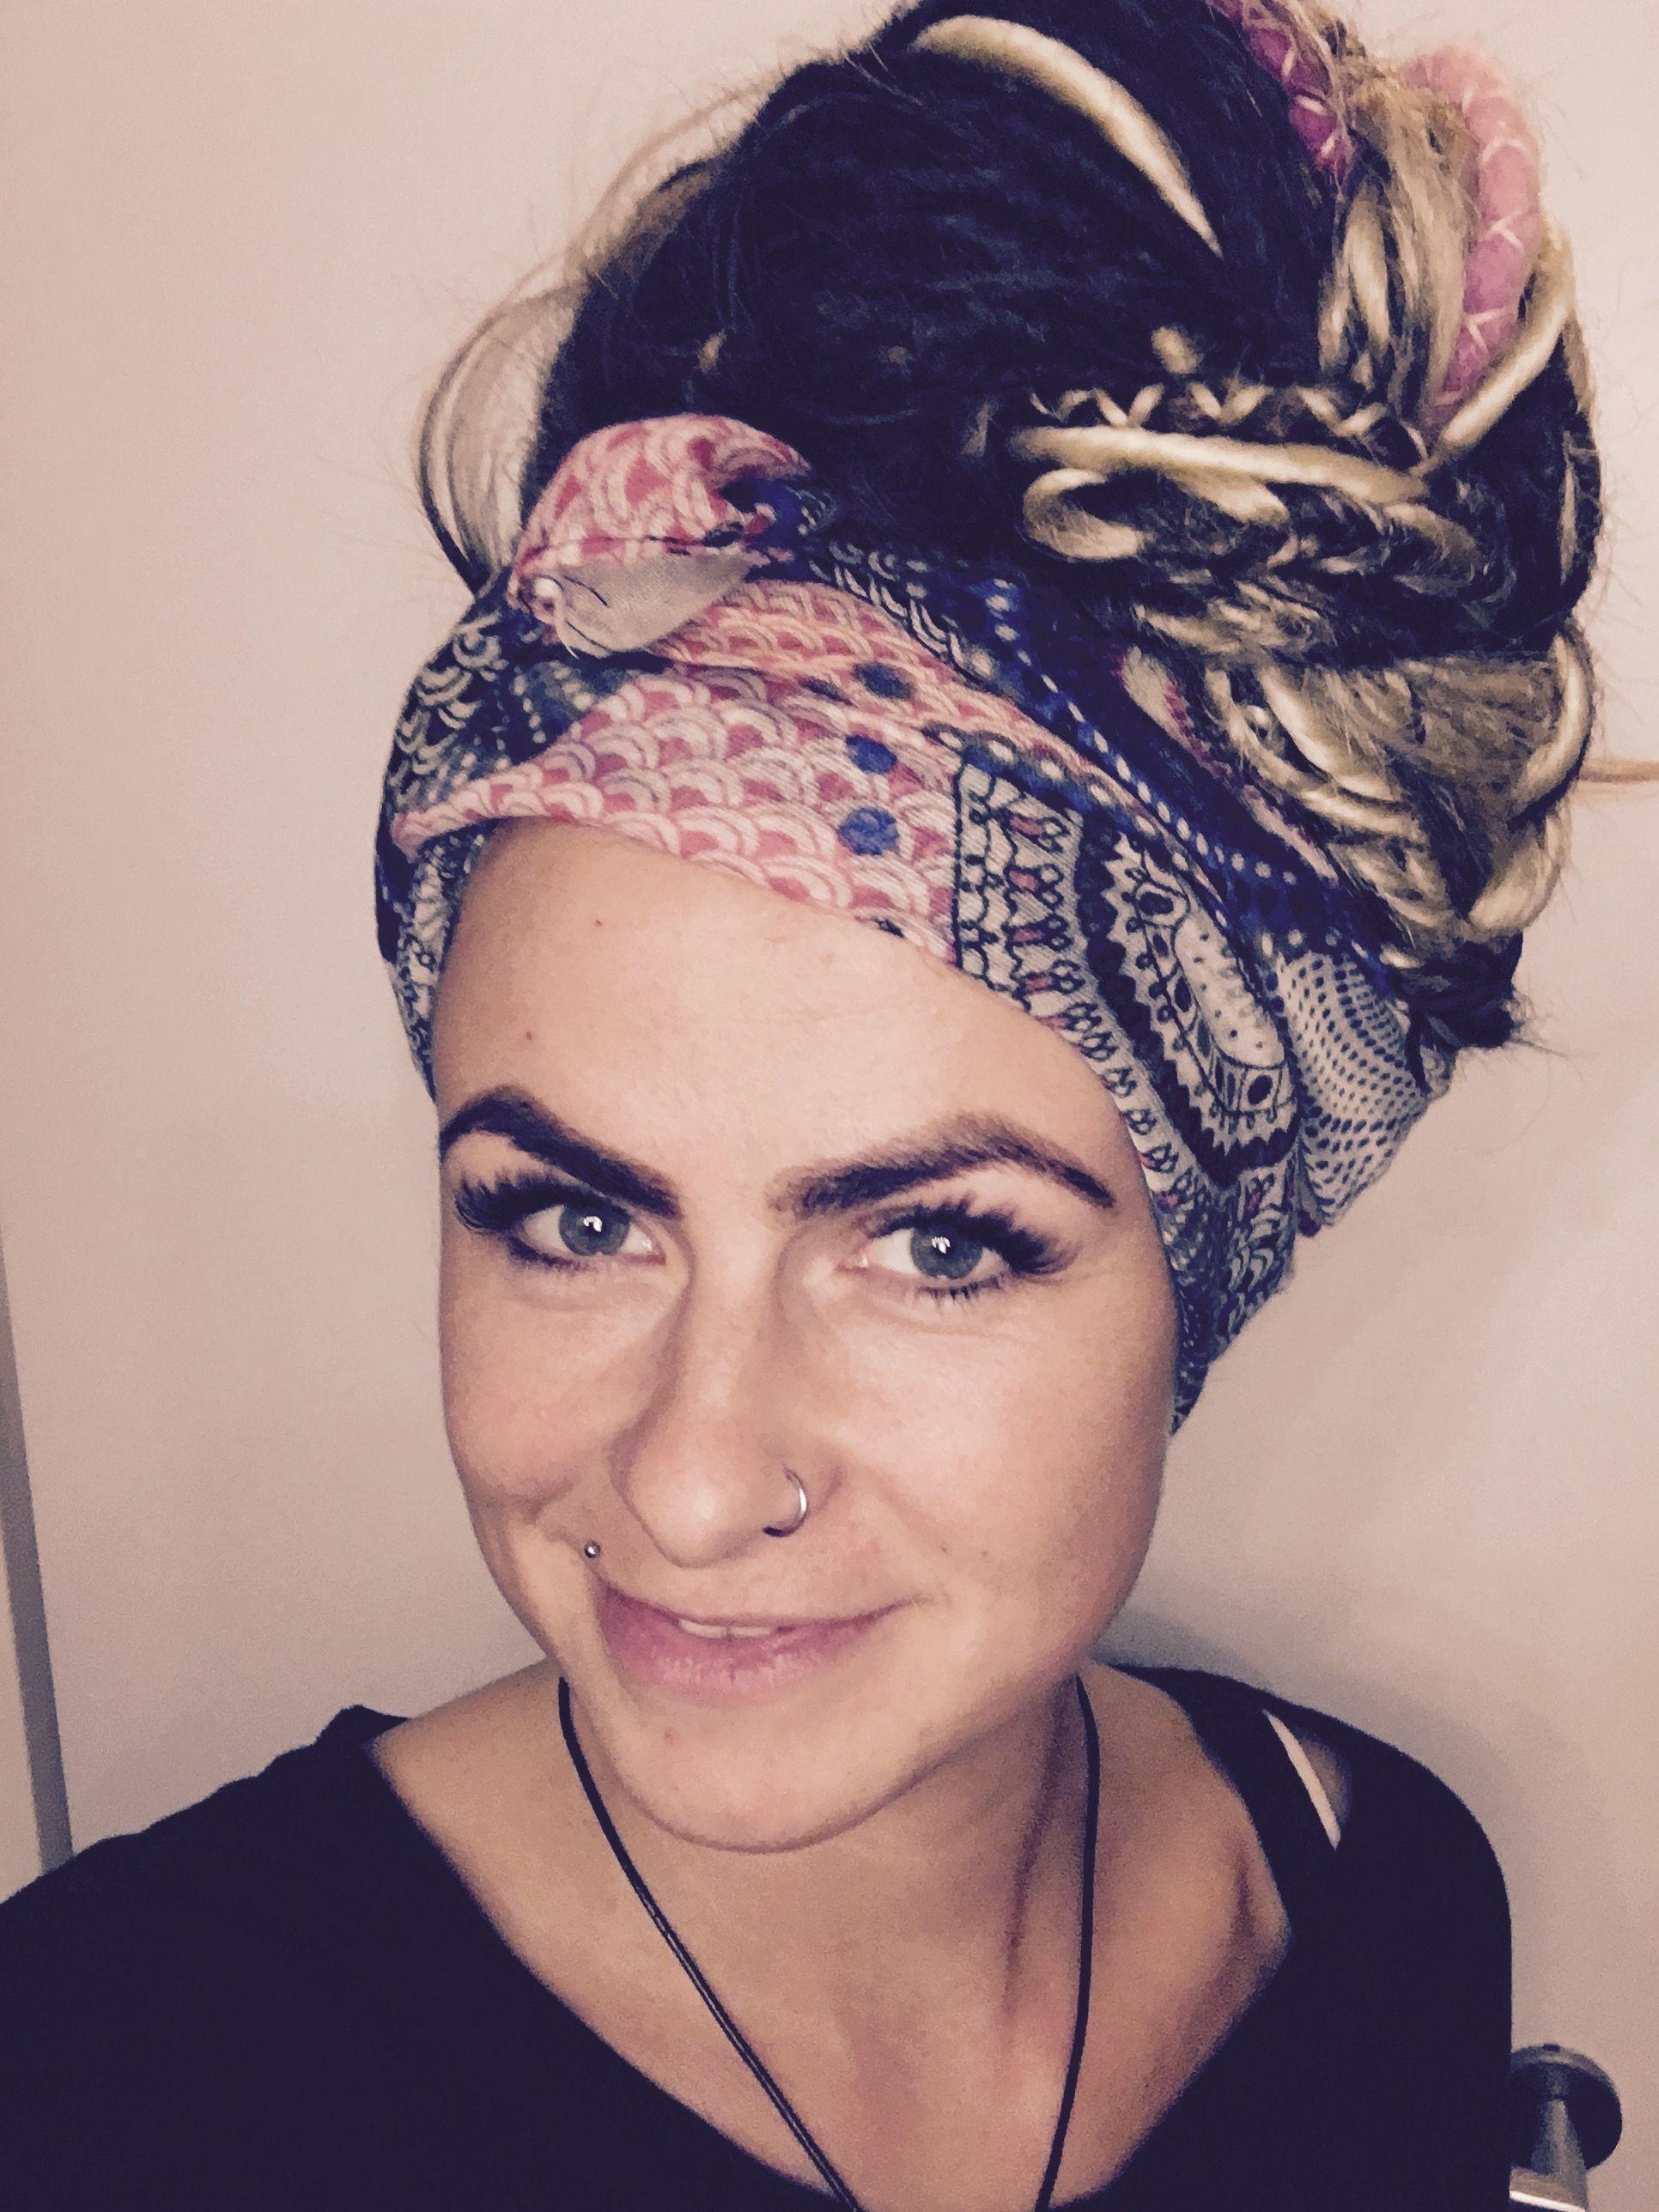 Dreads Tuch Dreadschmuck Von Alina Witt Bjutifull Hair In 2019